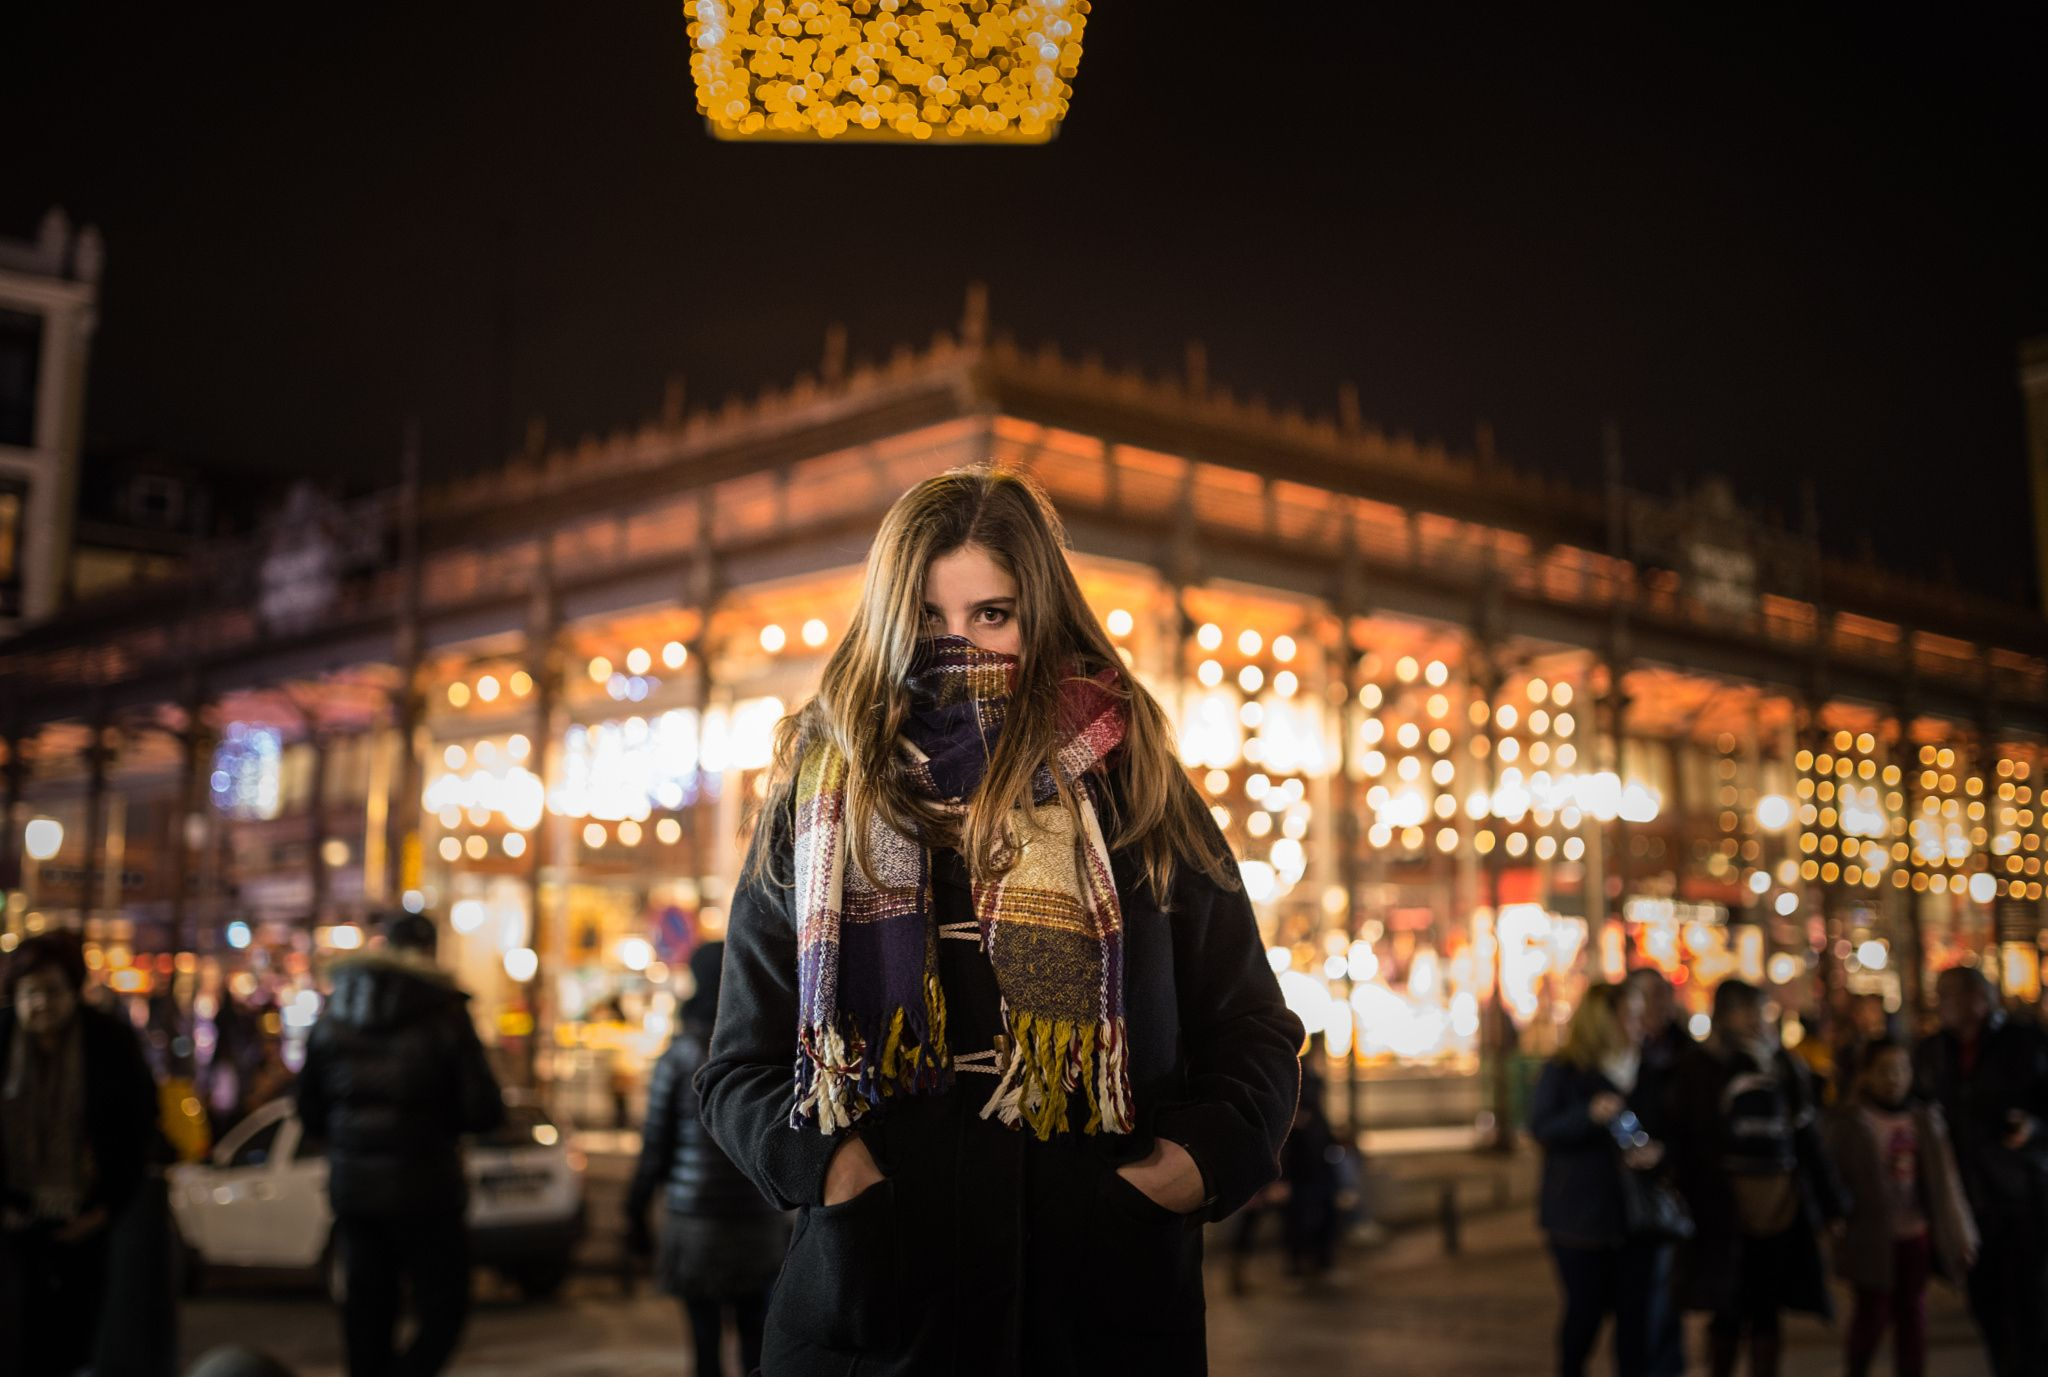 Winter lights - Mercado de San Miguel